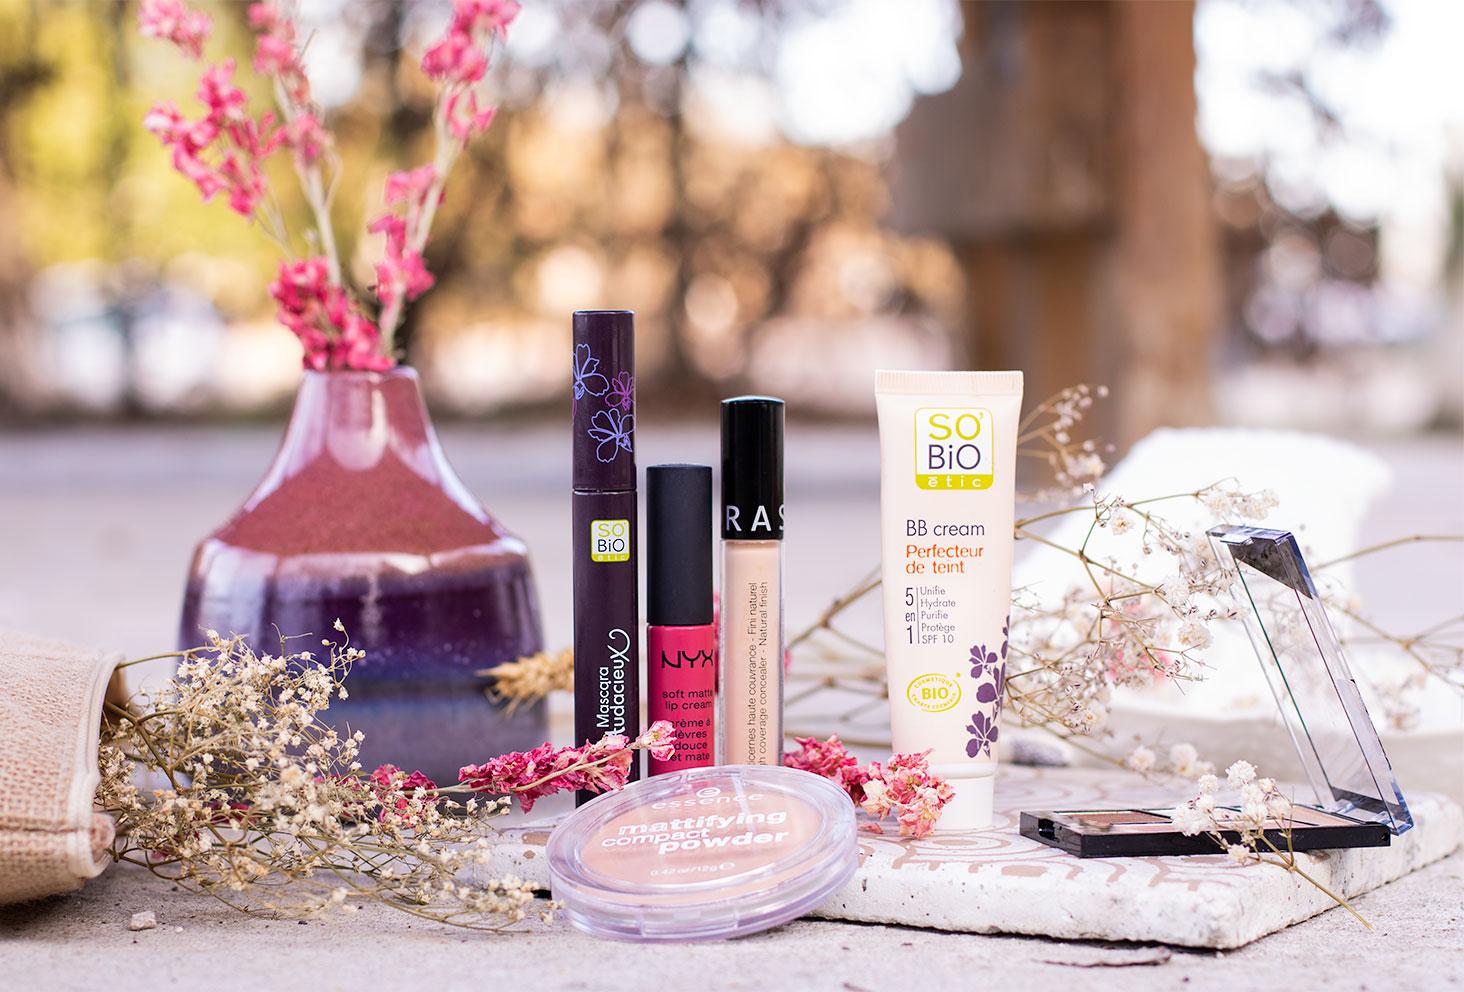 Trousse à maquillage avec des produits à petits prix, moins de 50€ posé sur une dalle en béton au milieu de fleurs séchées